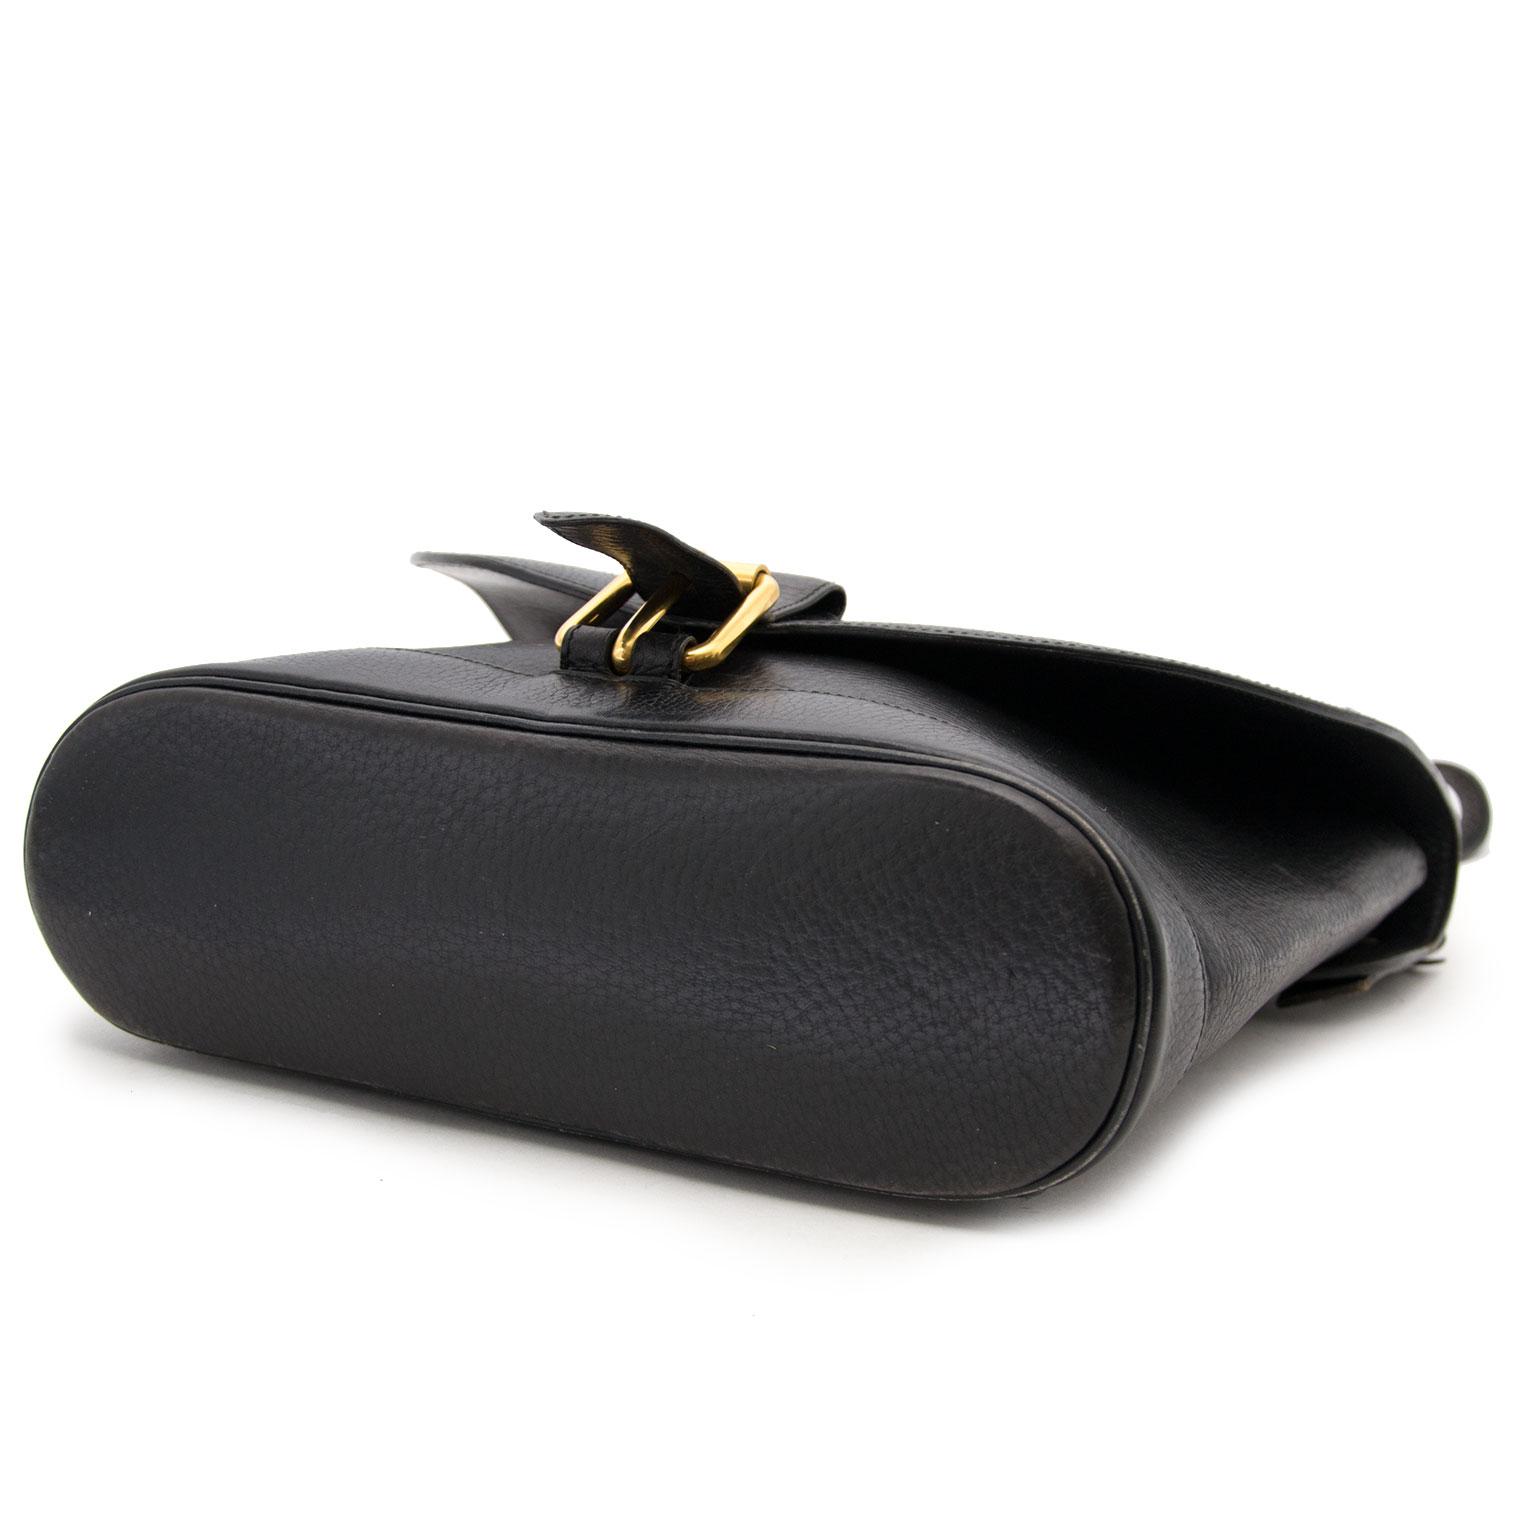 Acheter secur en ligne votre sac a mains Delvaux en cuir noir pour le meilleur prix